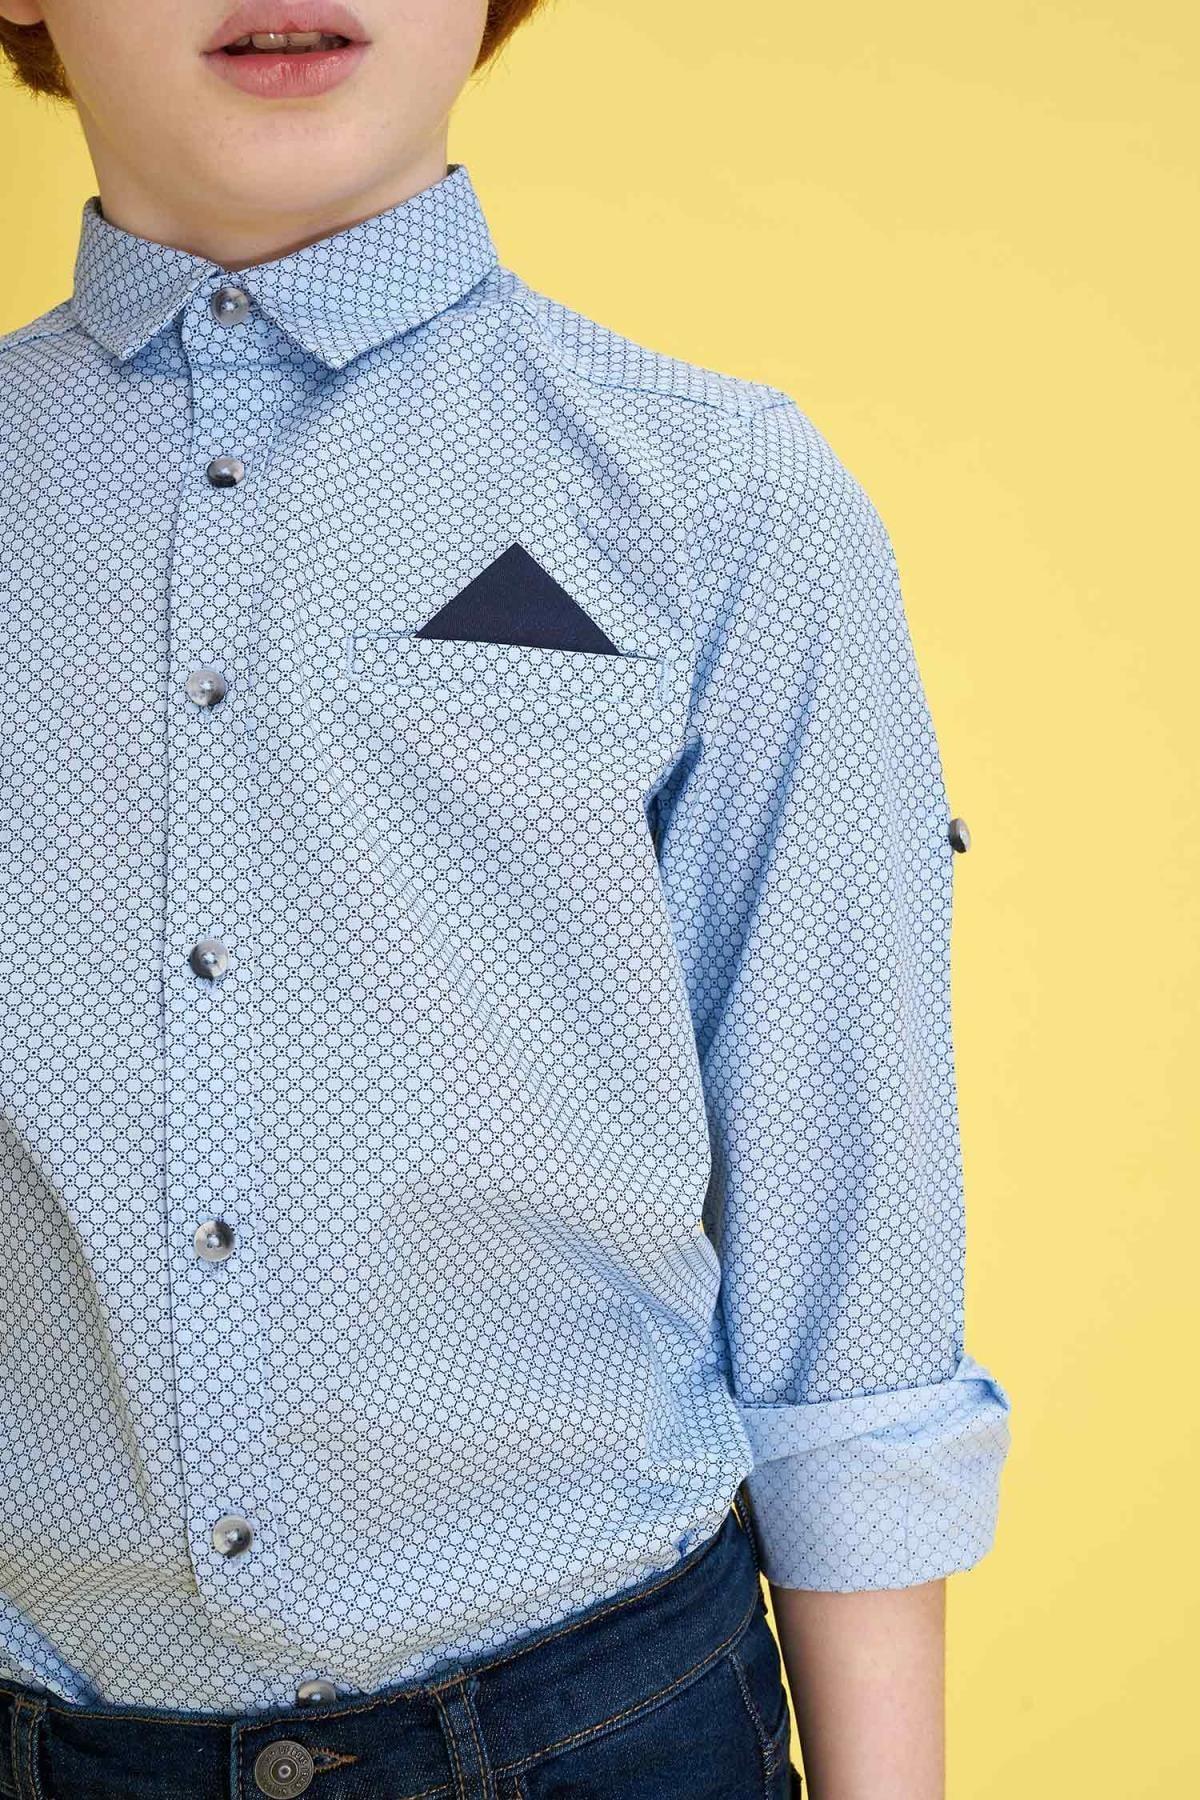 Defacto Erkek Çocuk Baskılı Pamuklu Mendilli Kolları Katlanabilir Gömlek 2